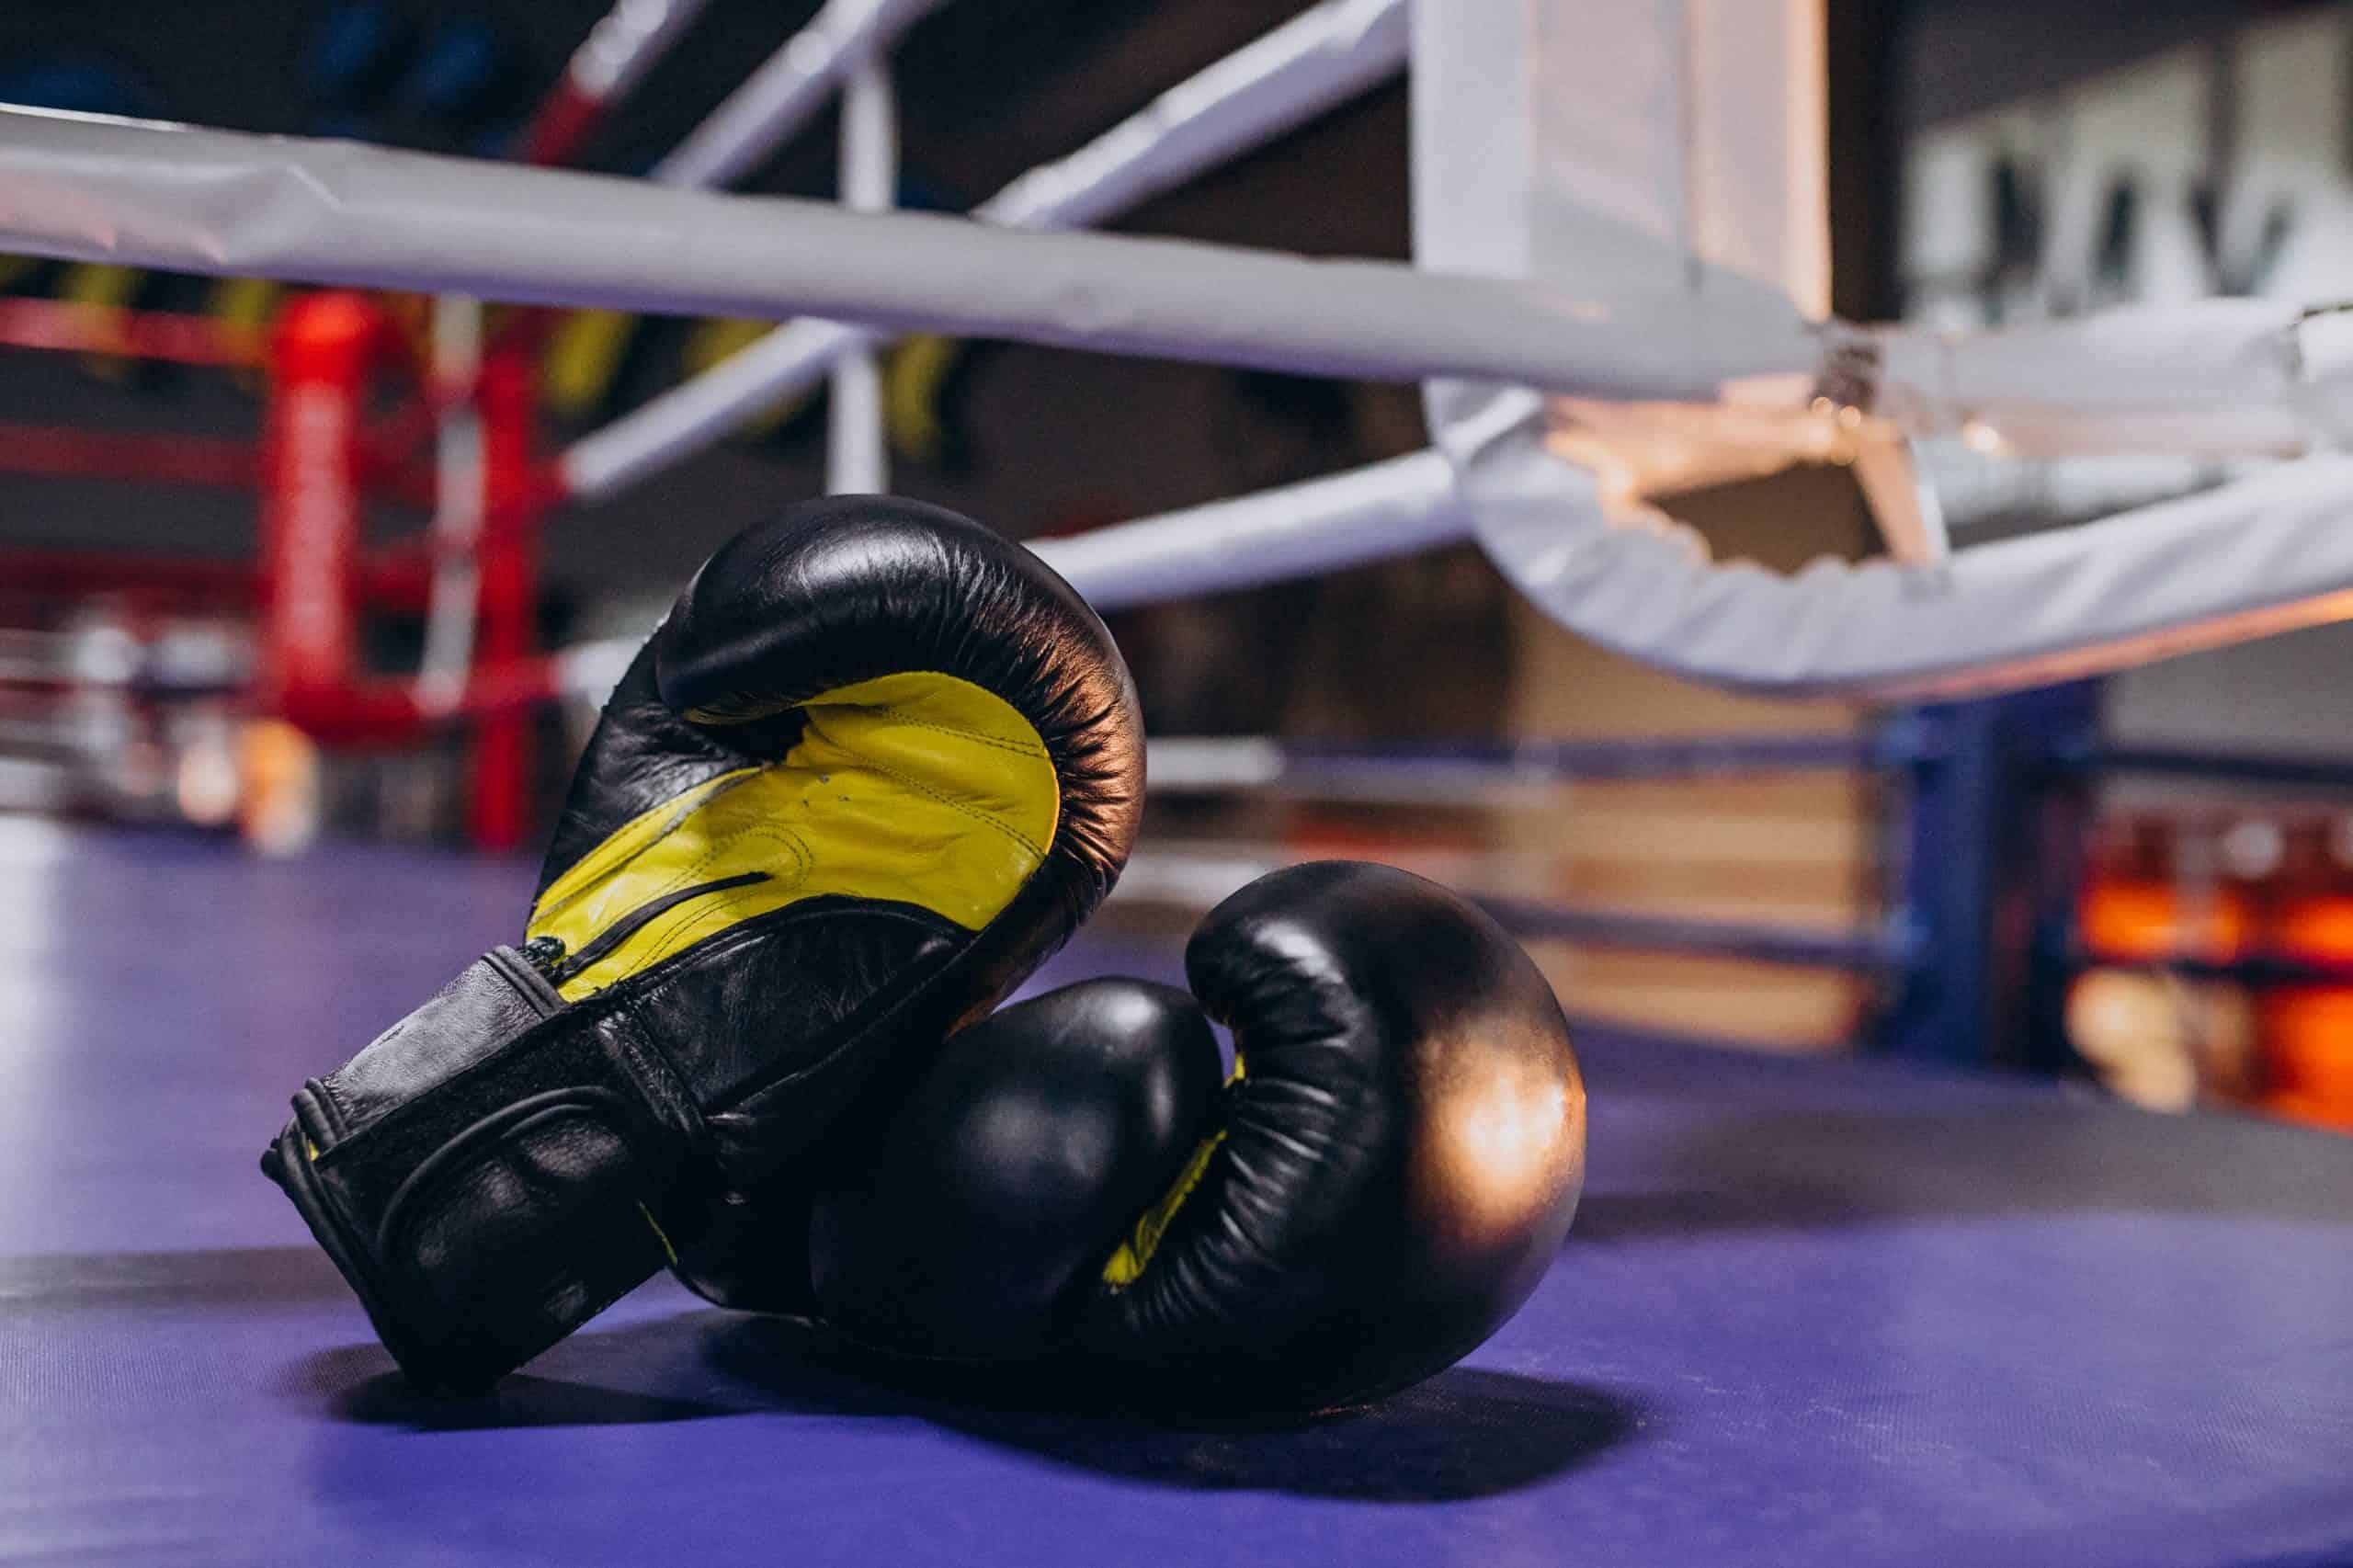 Jak optymalnie dobrać rękawice bokserskie?